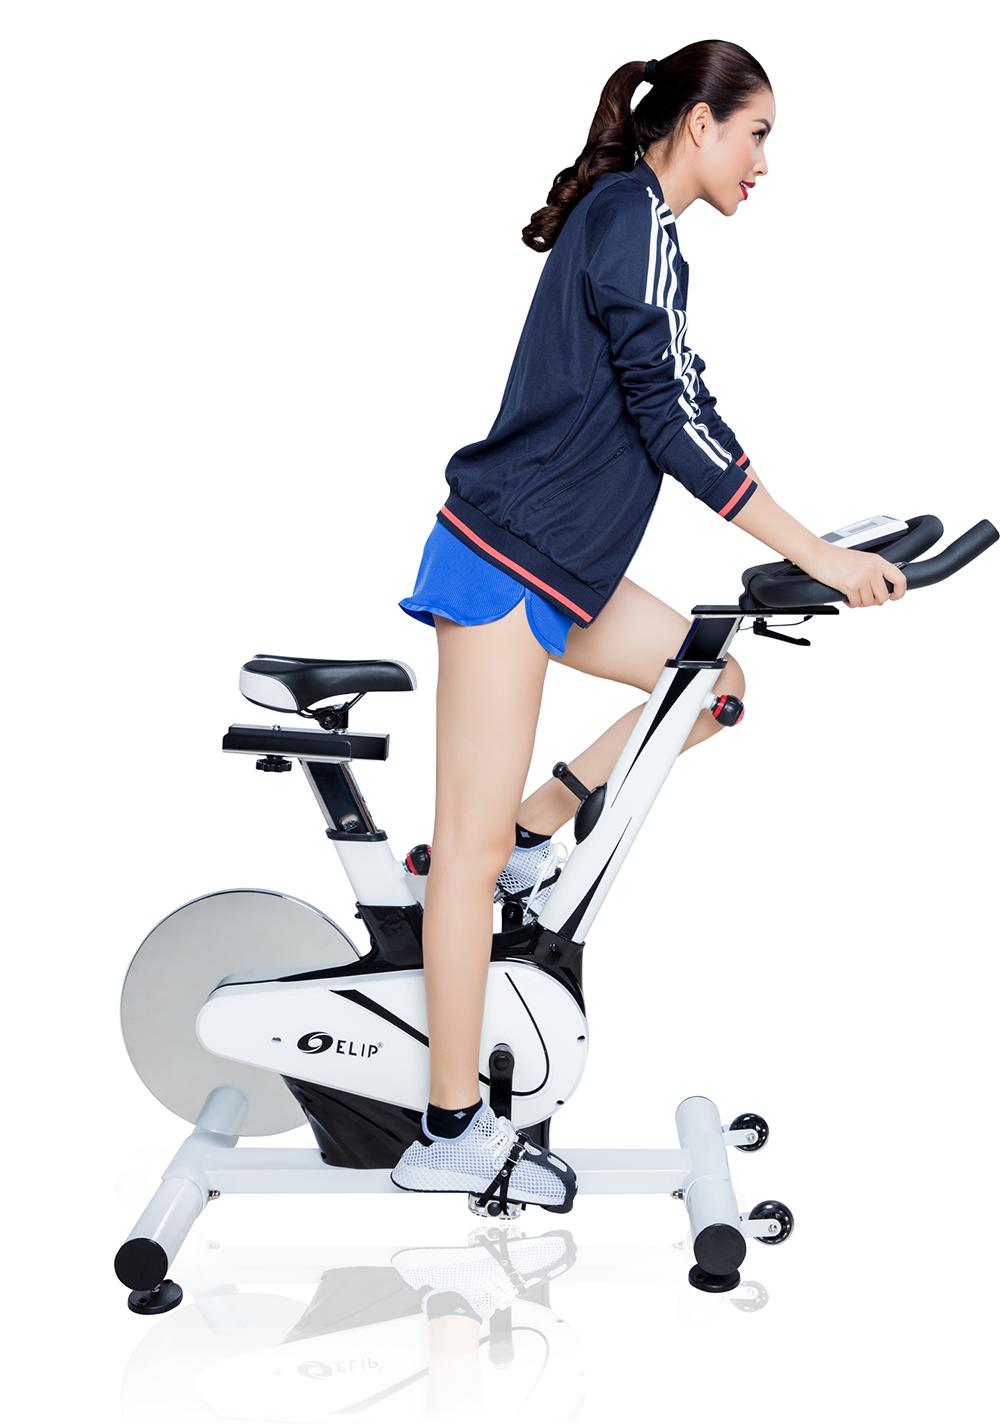 Máy đạp xe giúp Phạm Hương sở hữu vóc dáng thon gọn.